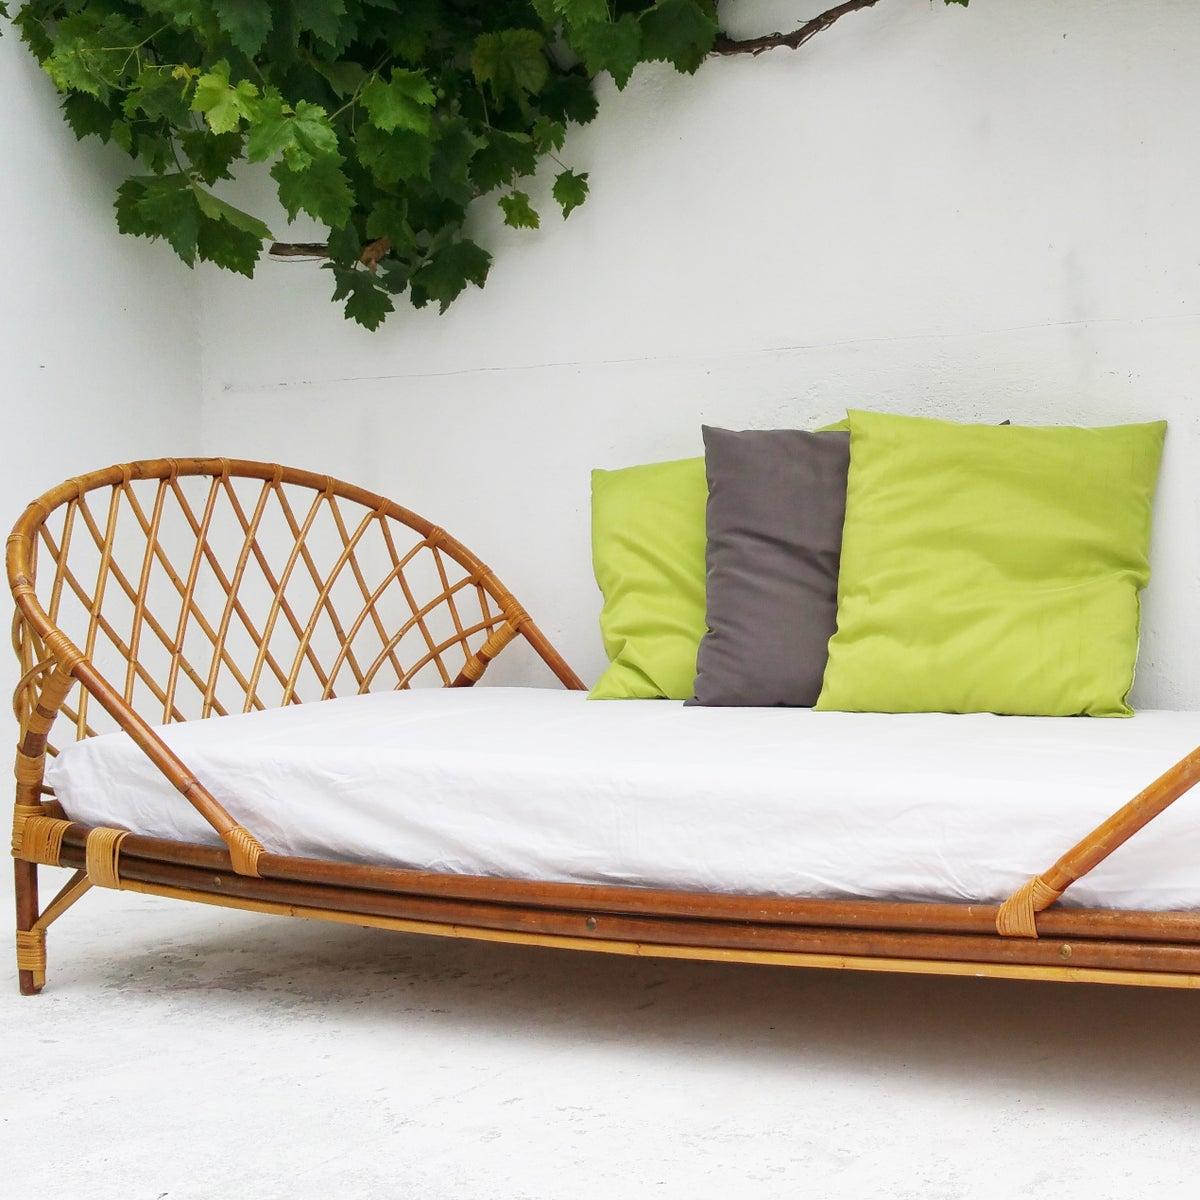 lit corbeille vintage fibresendeco vannerie artisanale mobilier vintage. Black Bedroom Furniture Sets. Home Design Ideas